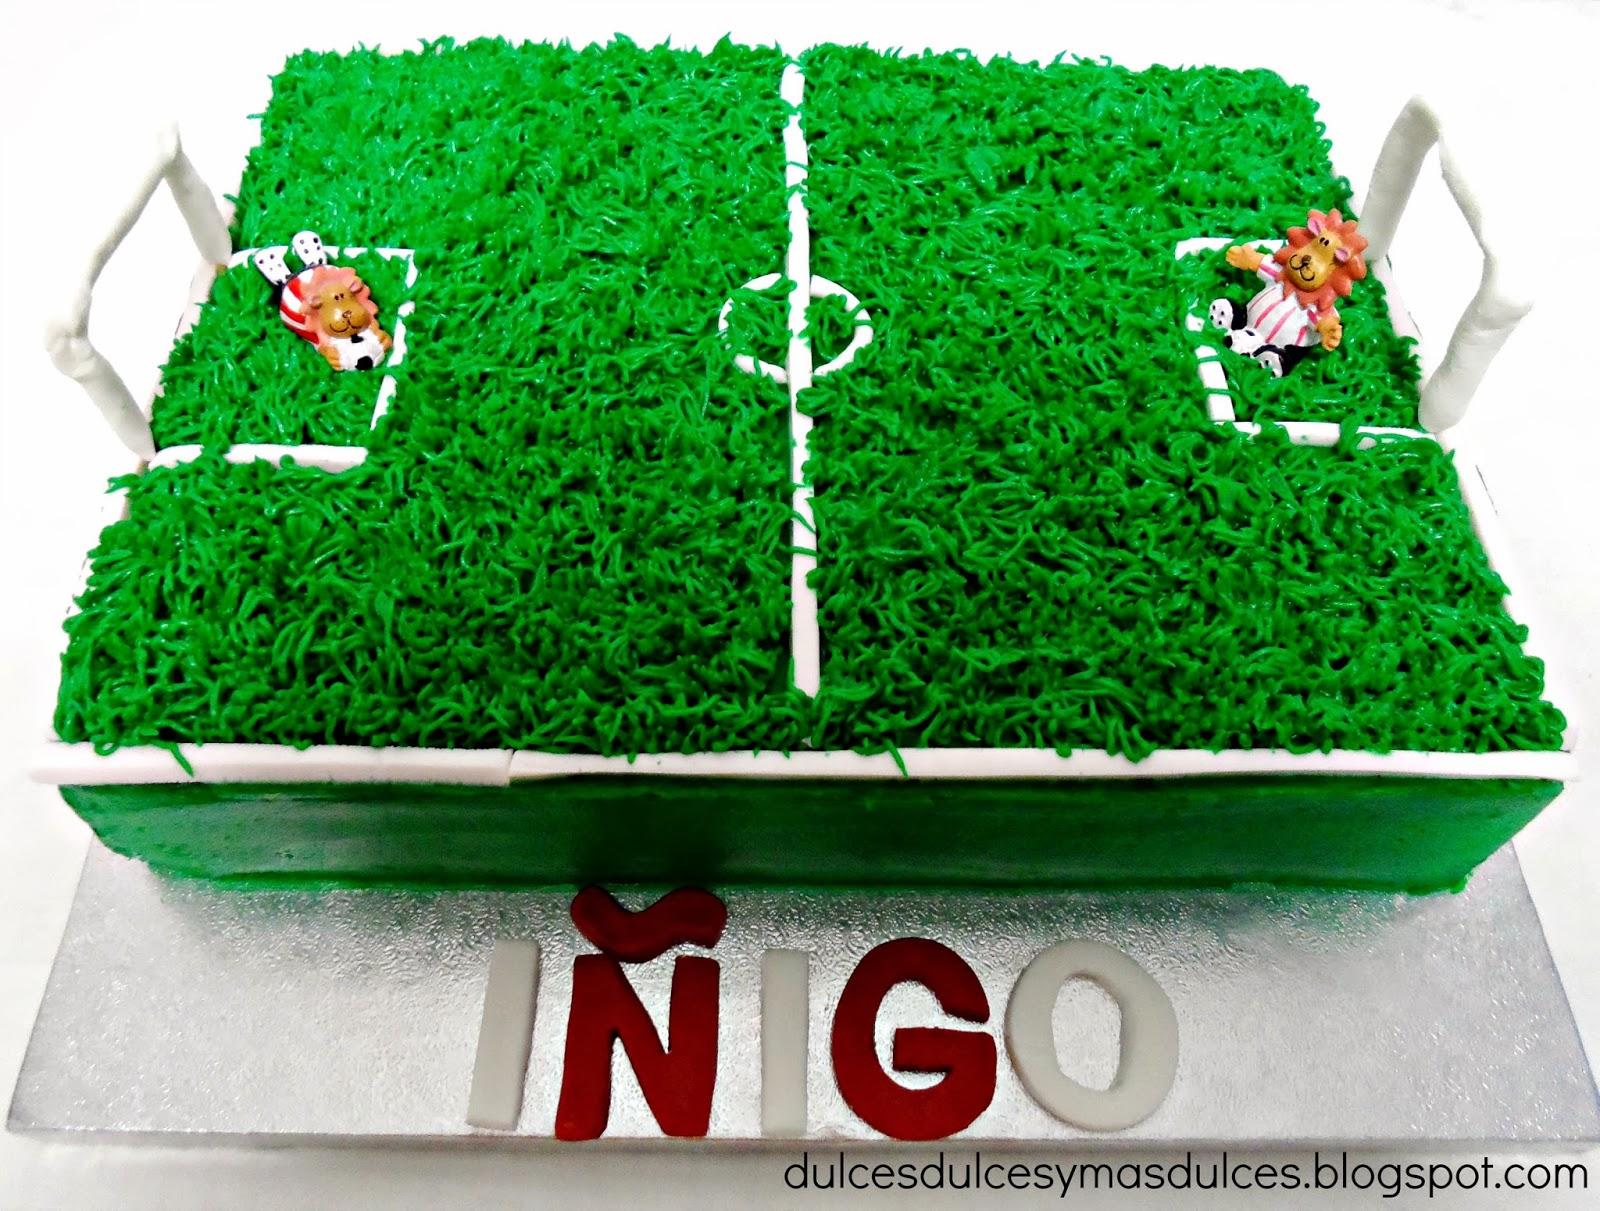 Cancha De Futbol Fotos y Vectores gratis Freepik - Imagenes De Canchas De Futbol